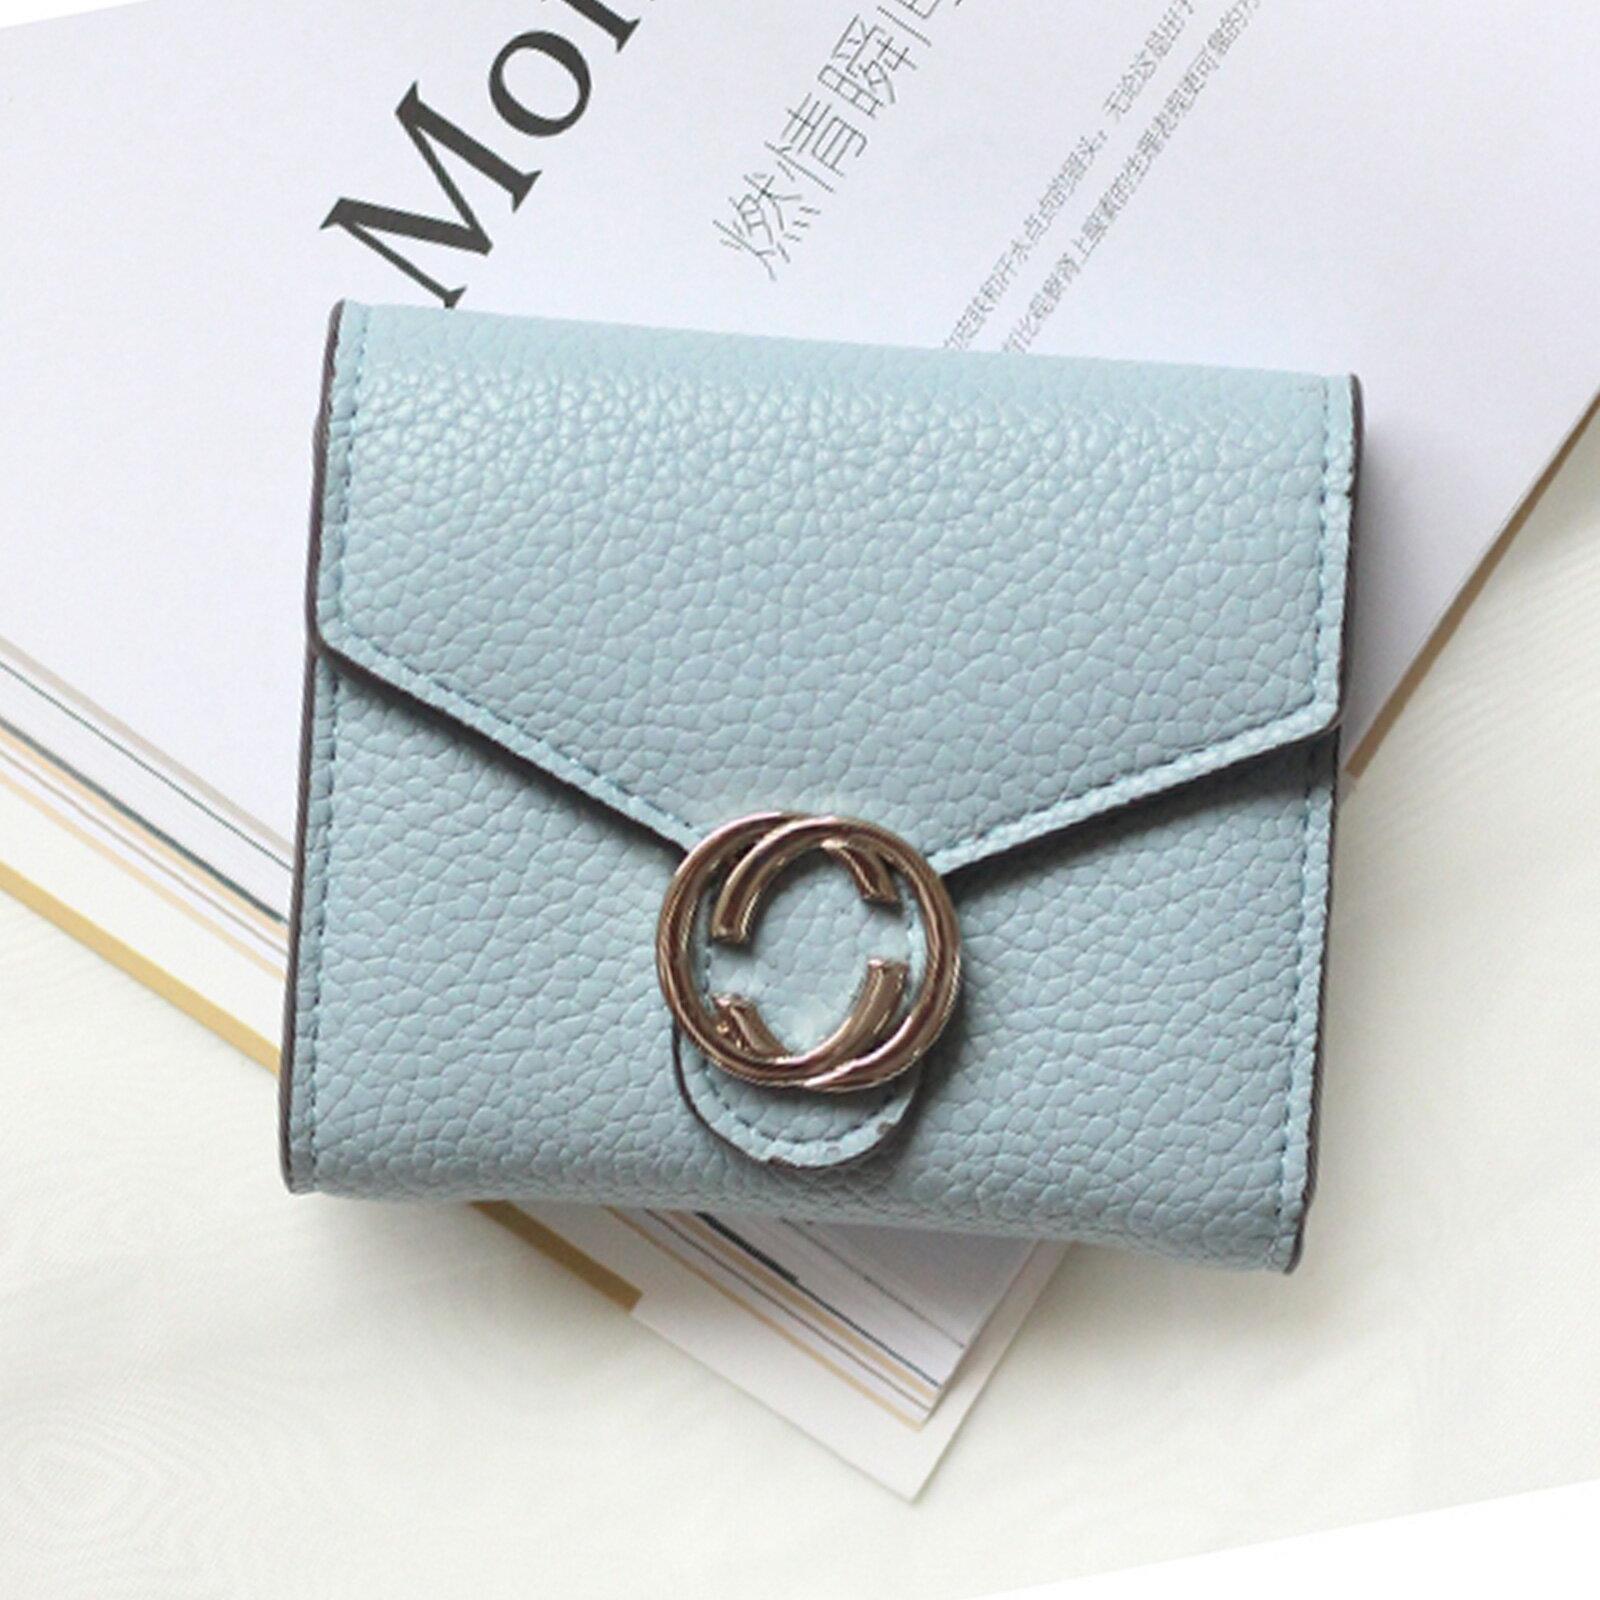 皮夾 錢包 名品質感金屬雙C短夾【O3220】☆雙兒網☆ 2